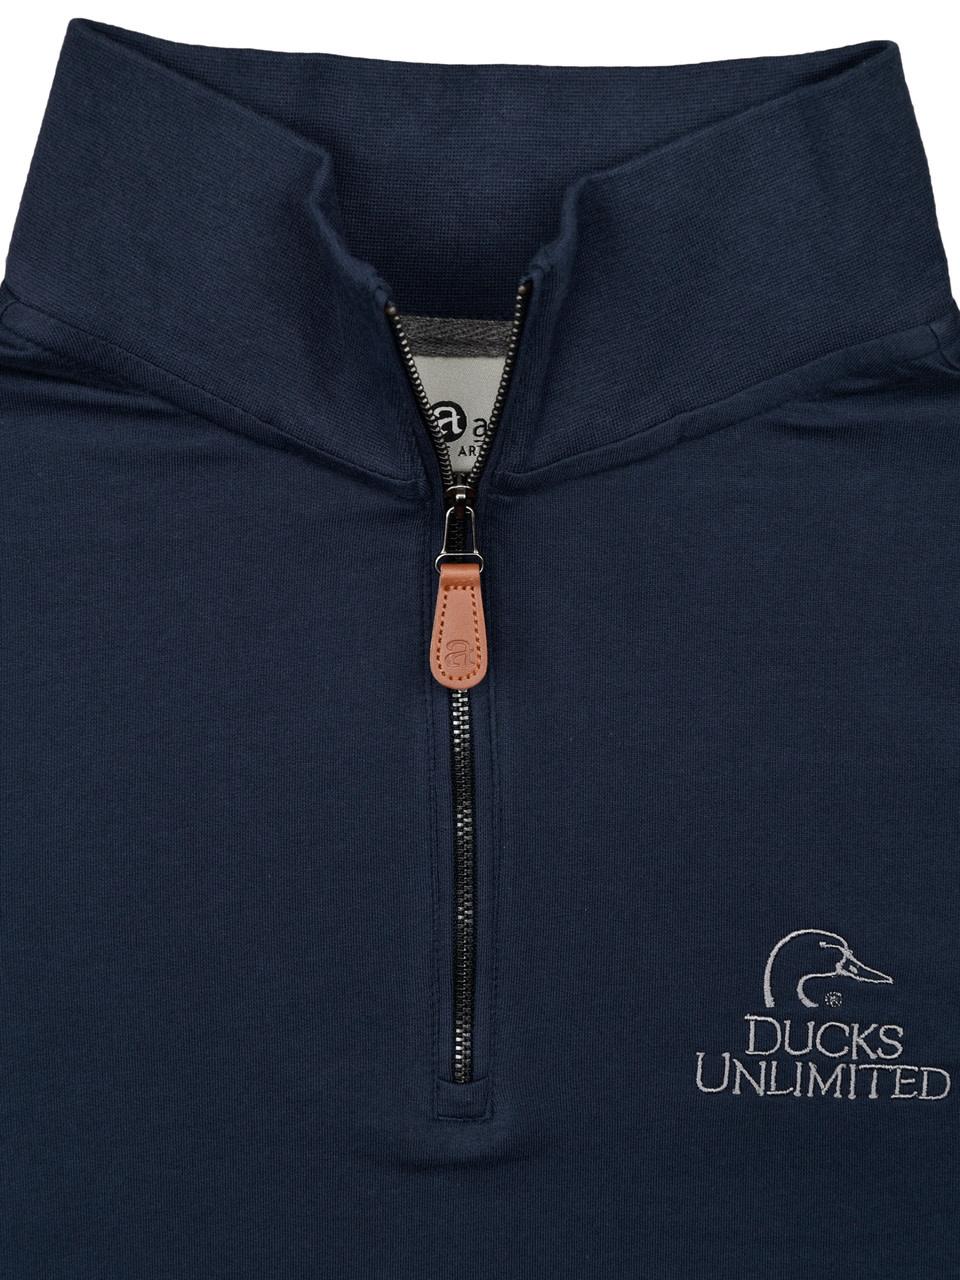 Ducks Unlimited 1/4 Zip Brady